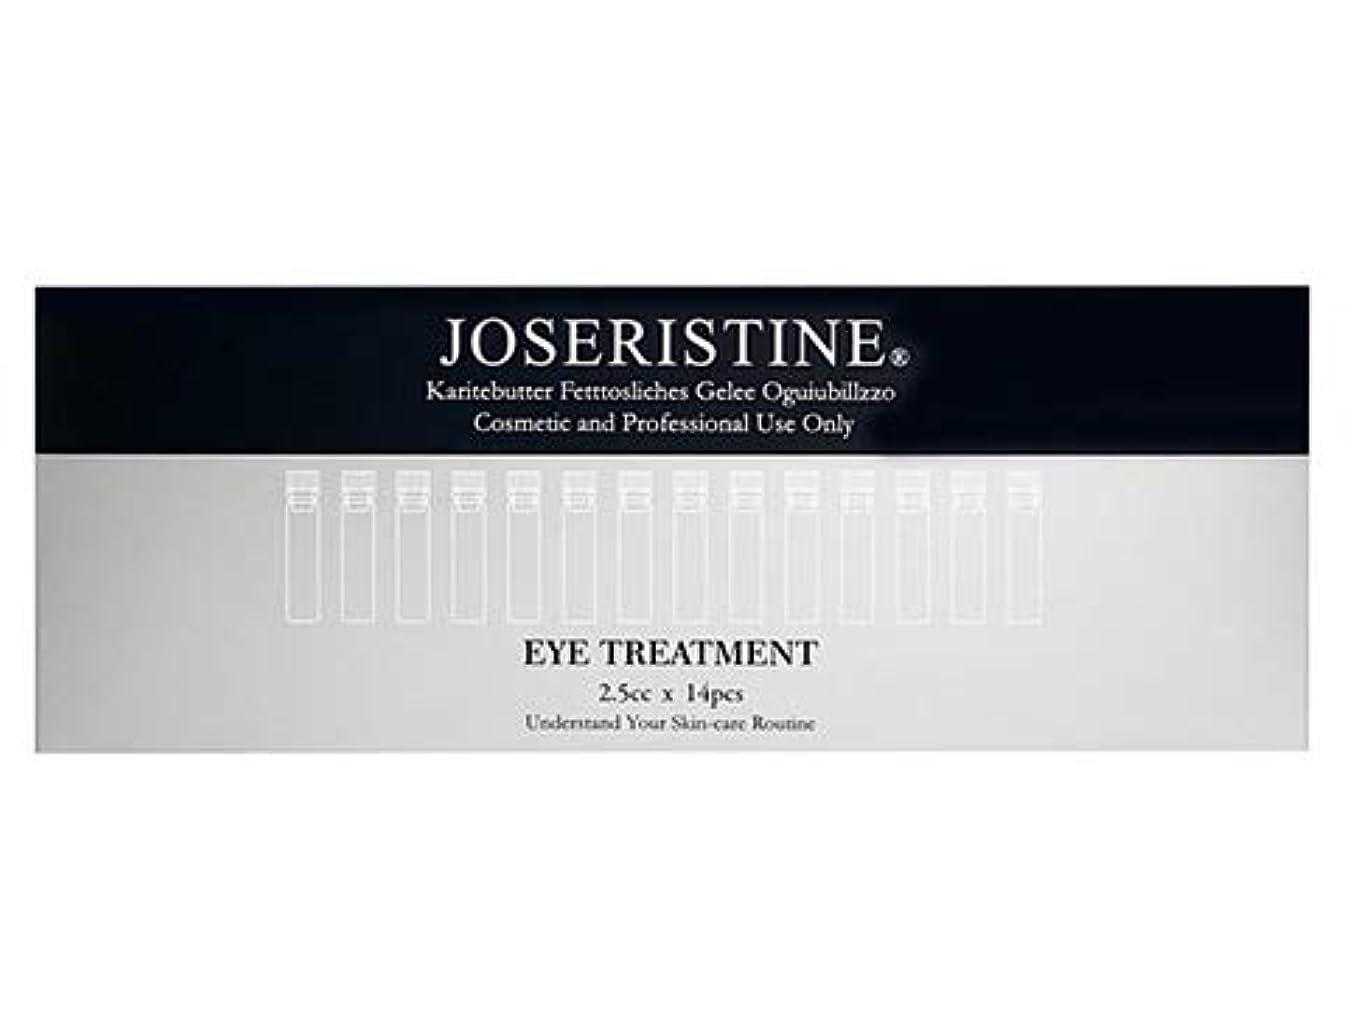 柔らかさ不適作る[Joseristine] アイ トリートメント Joseristine Eye Treatment (14pcs)